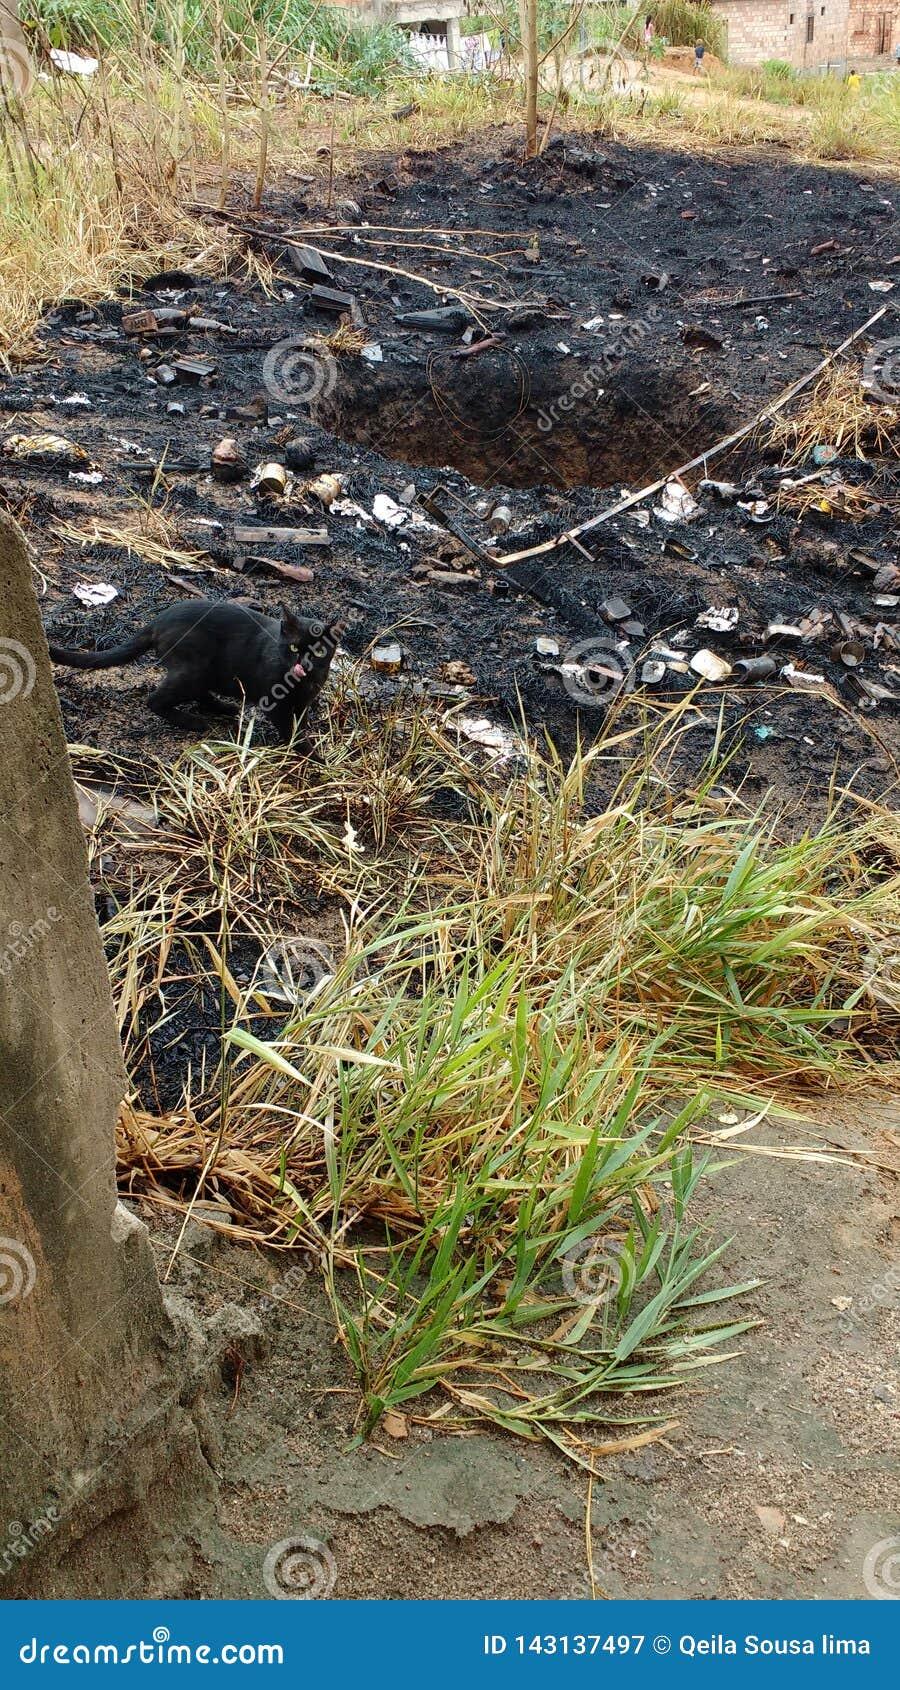 Μια μαύρη γάτα στη μέση του μμένου δάσους, που ψάχνει τα τρόφιμα